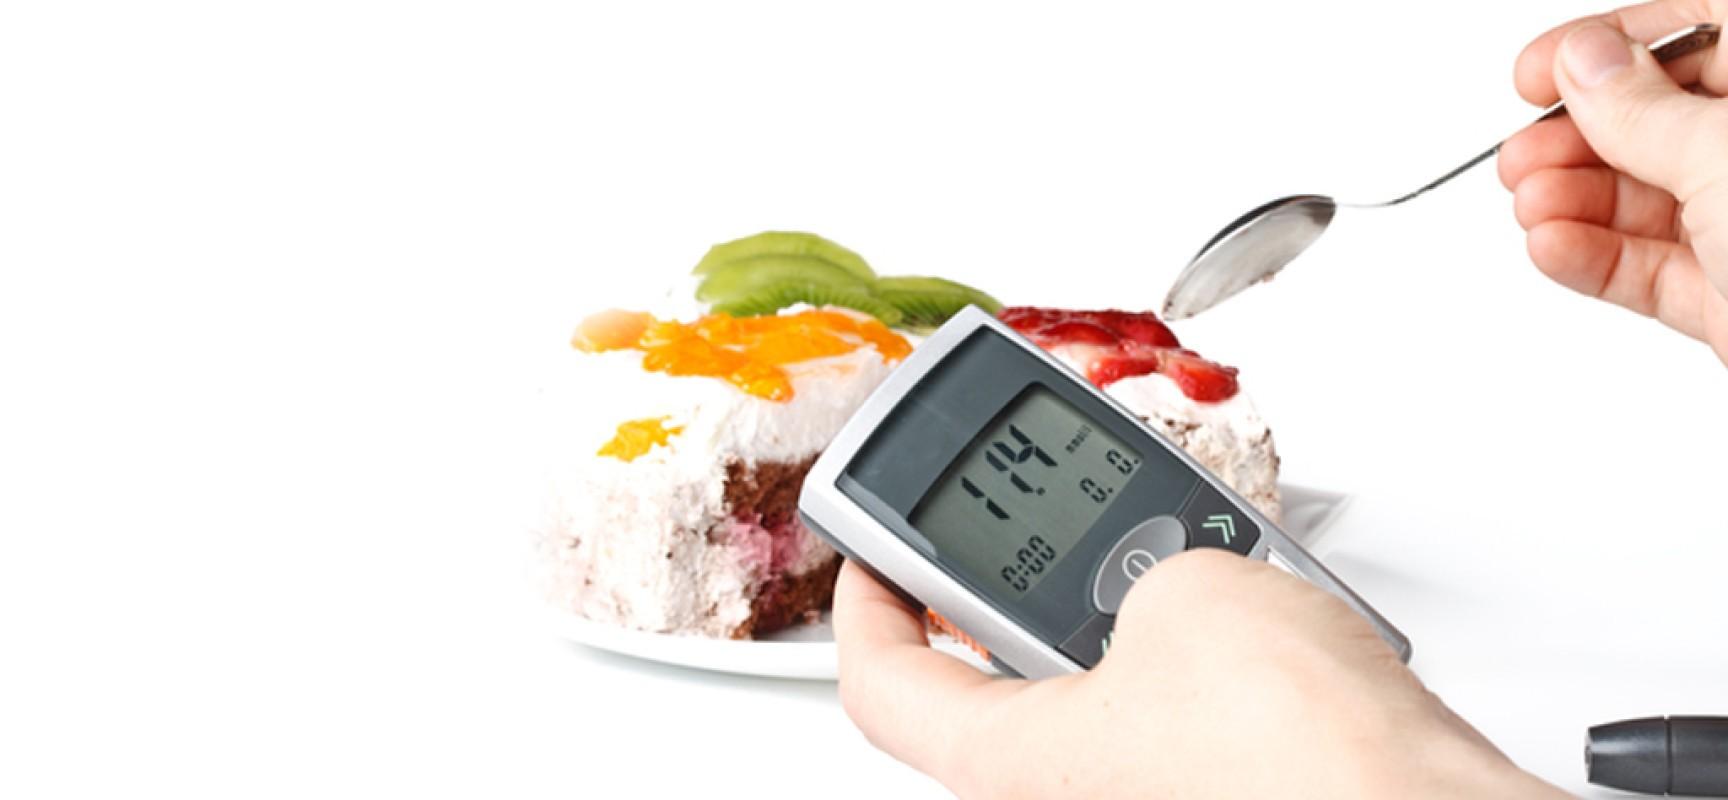 Чем повысить сахар в крови в домашних условиях? 93